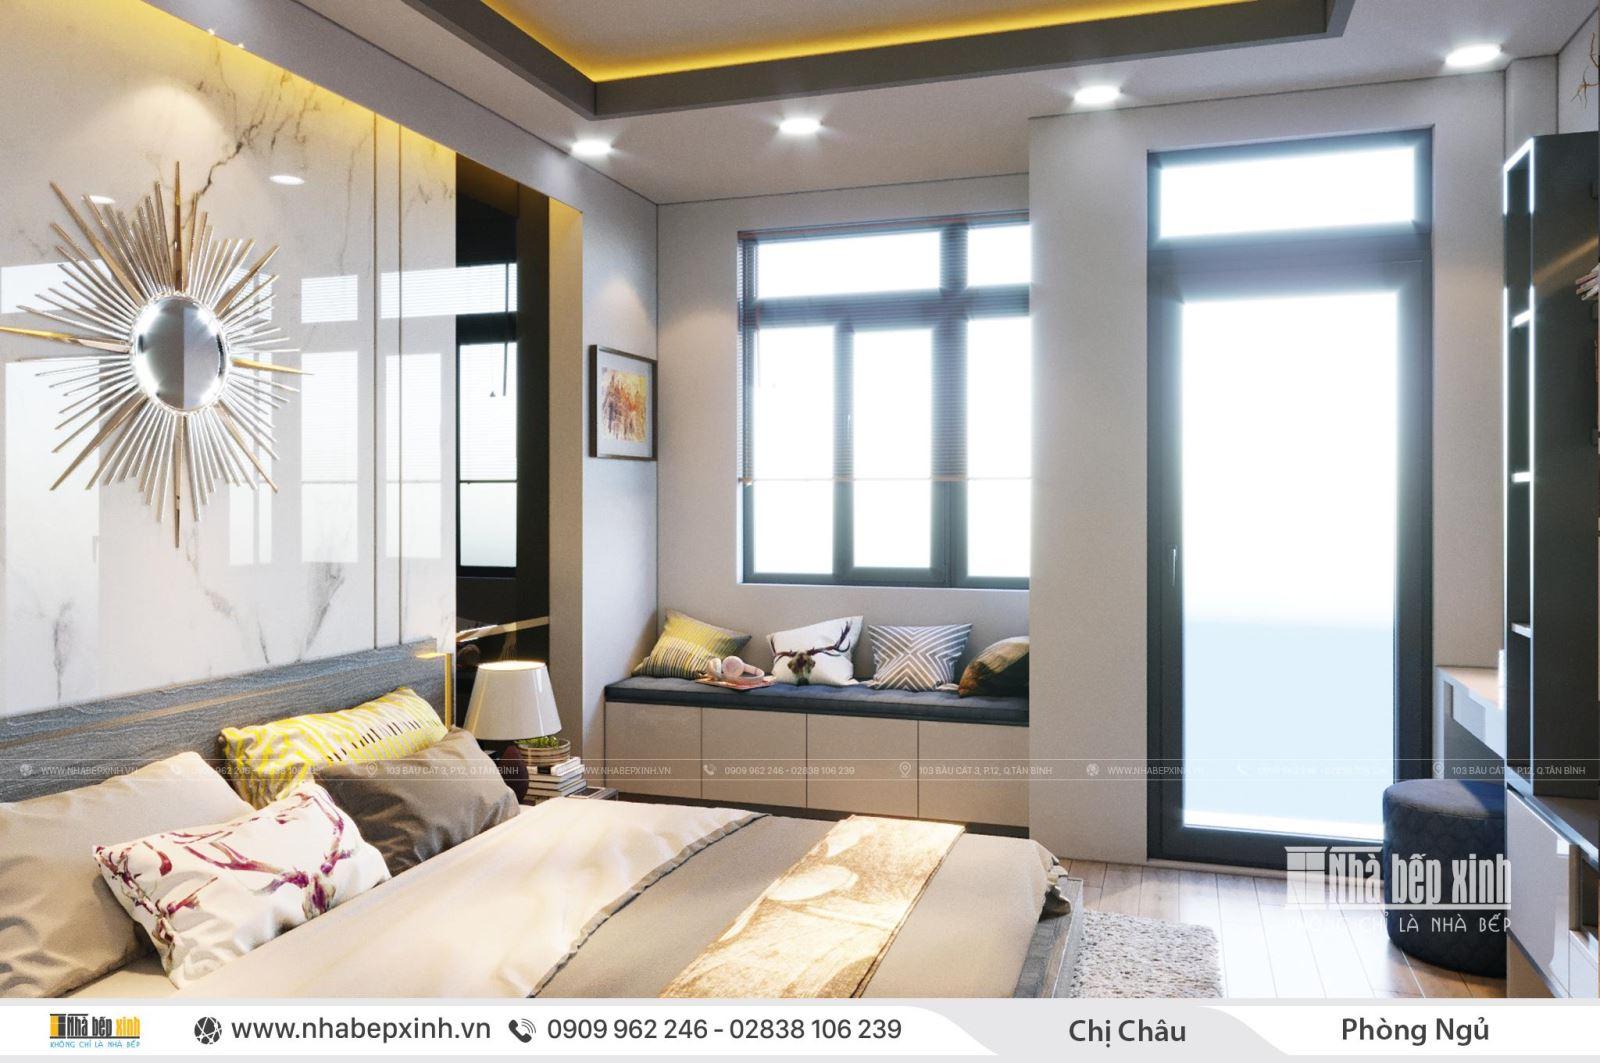 Sáng tạo bất ngờ trong không gian thiết kế nội thất nhà chị Châu